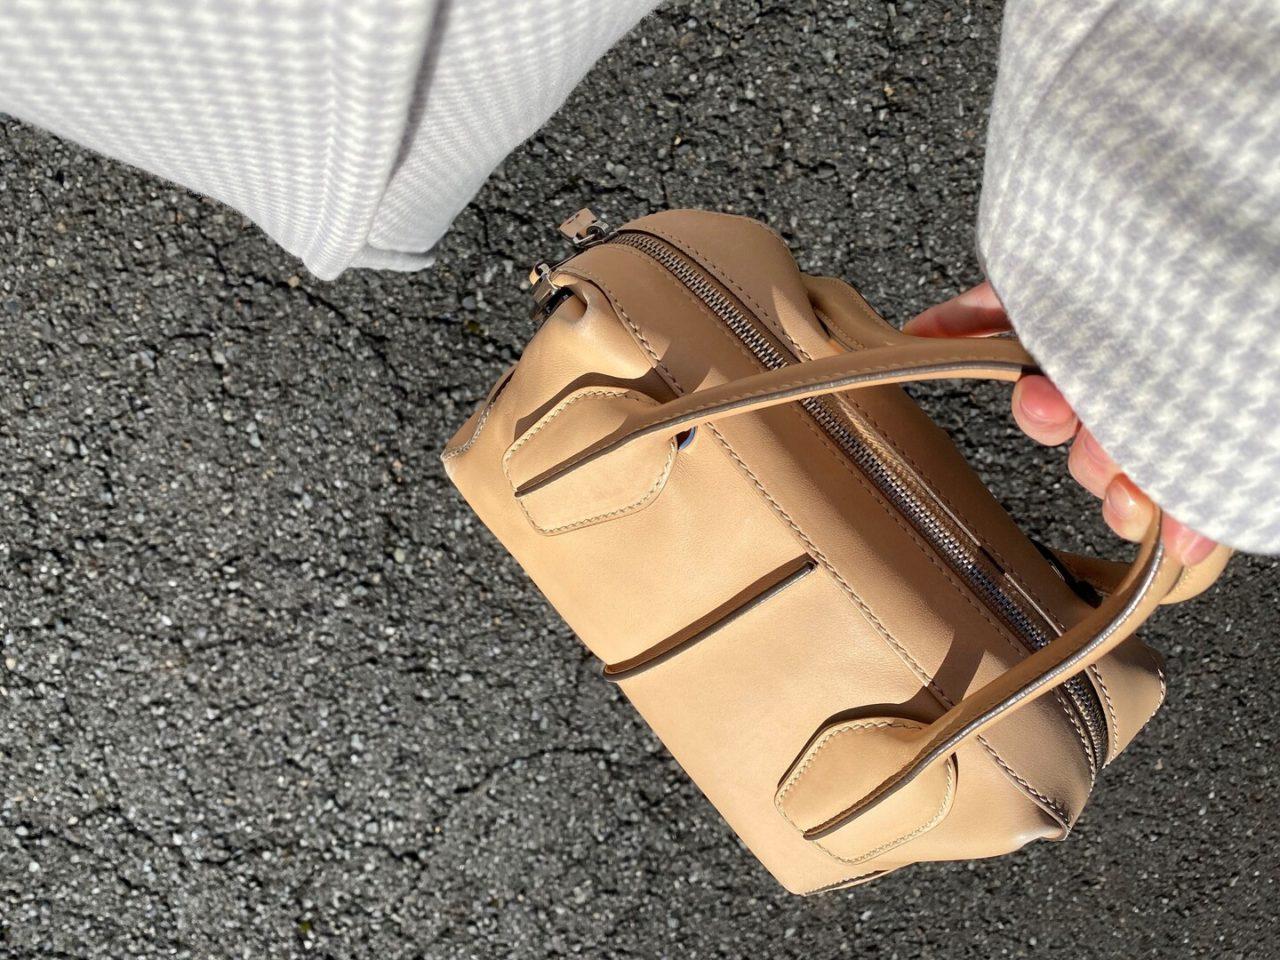 バッグを持っている姿